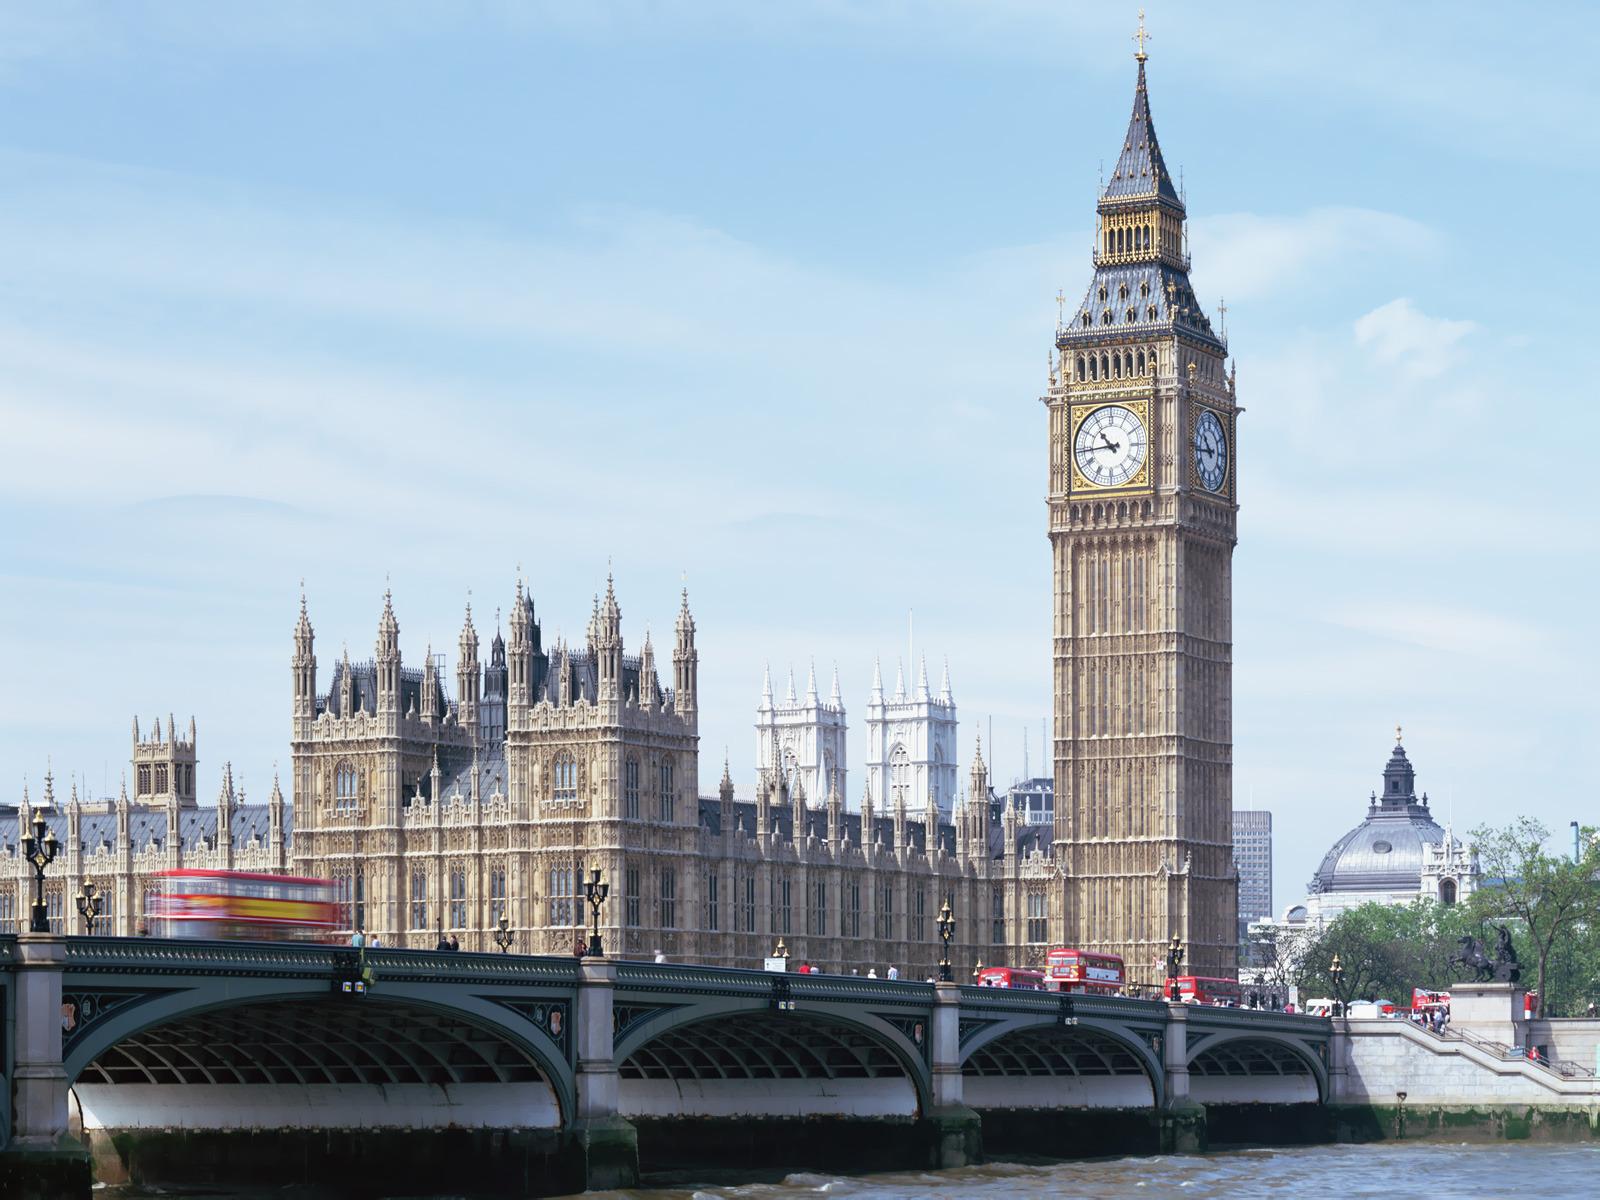 英国威斯敏斯特桥_伦敦2021旅游线路推荐,伦敦玩法路线,伦敦旅游行程推荐-去哪儿 ...